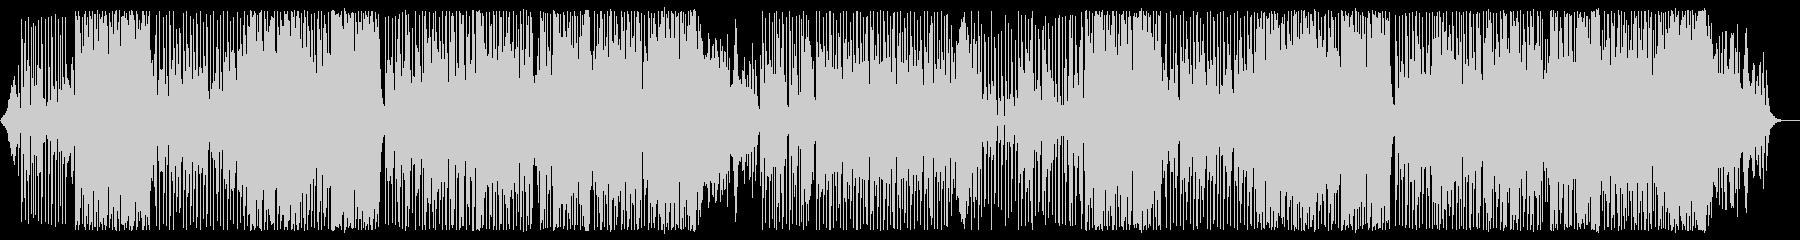 アイネクライネナハトムジーク remixの未再生の波形